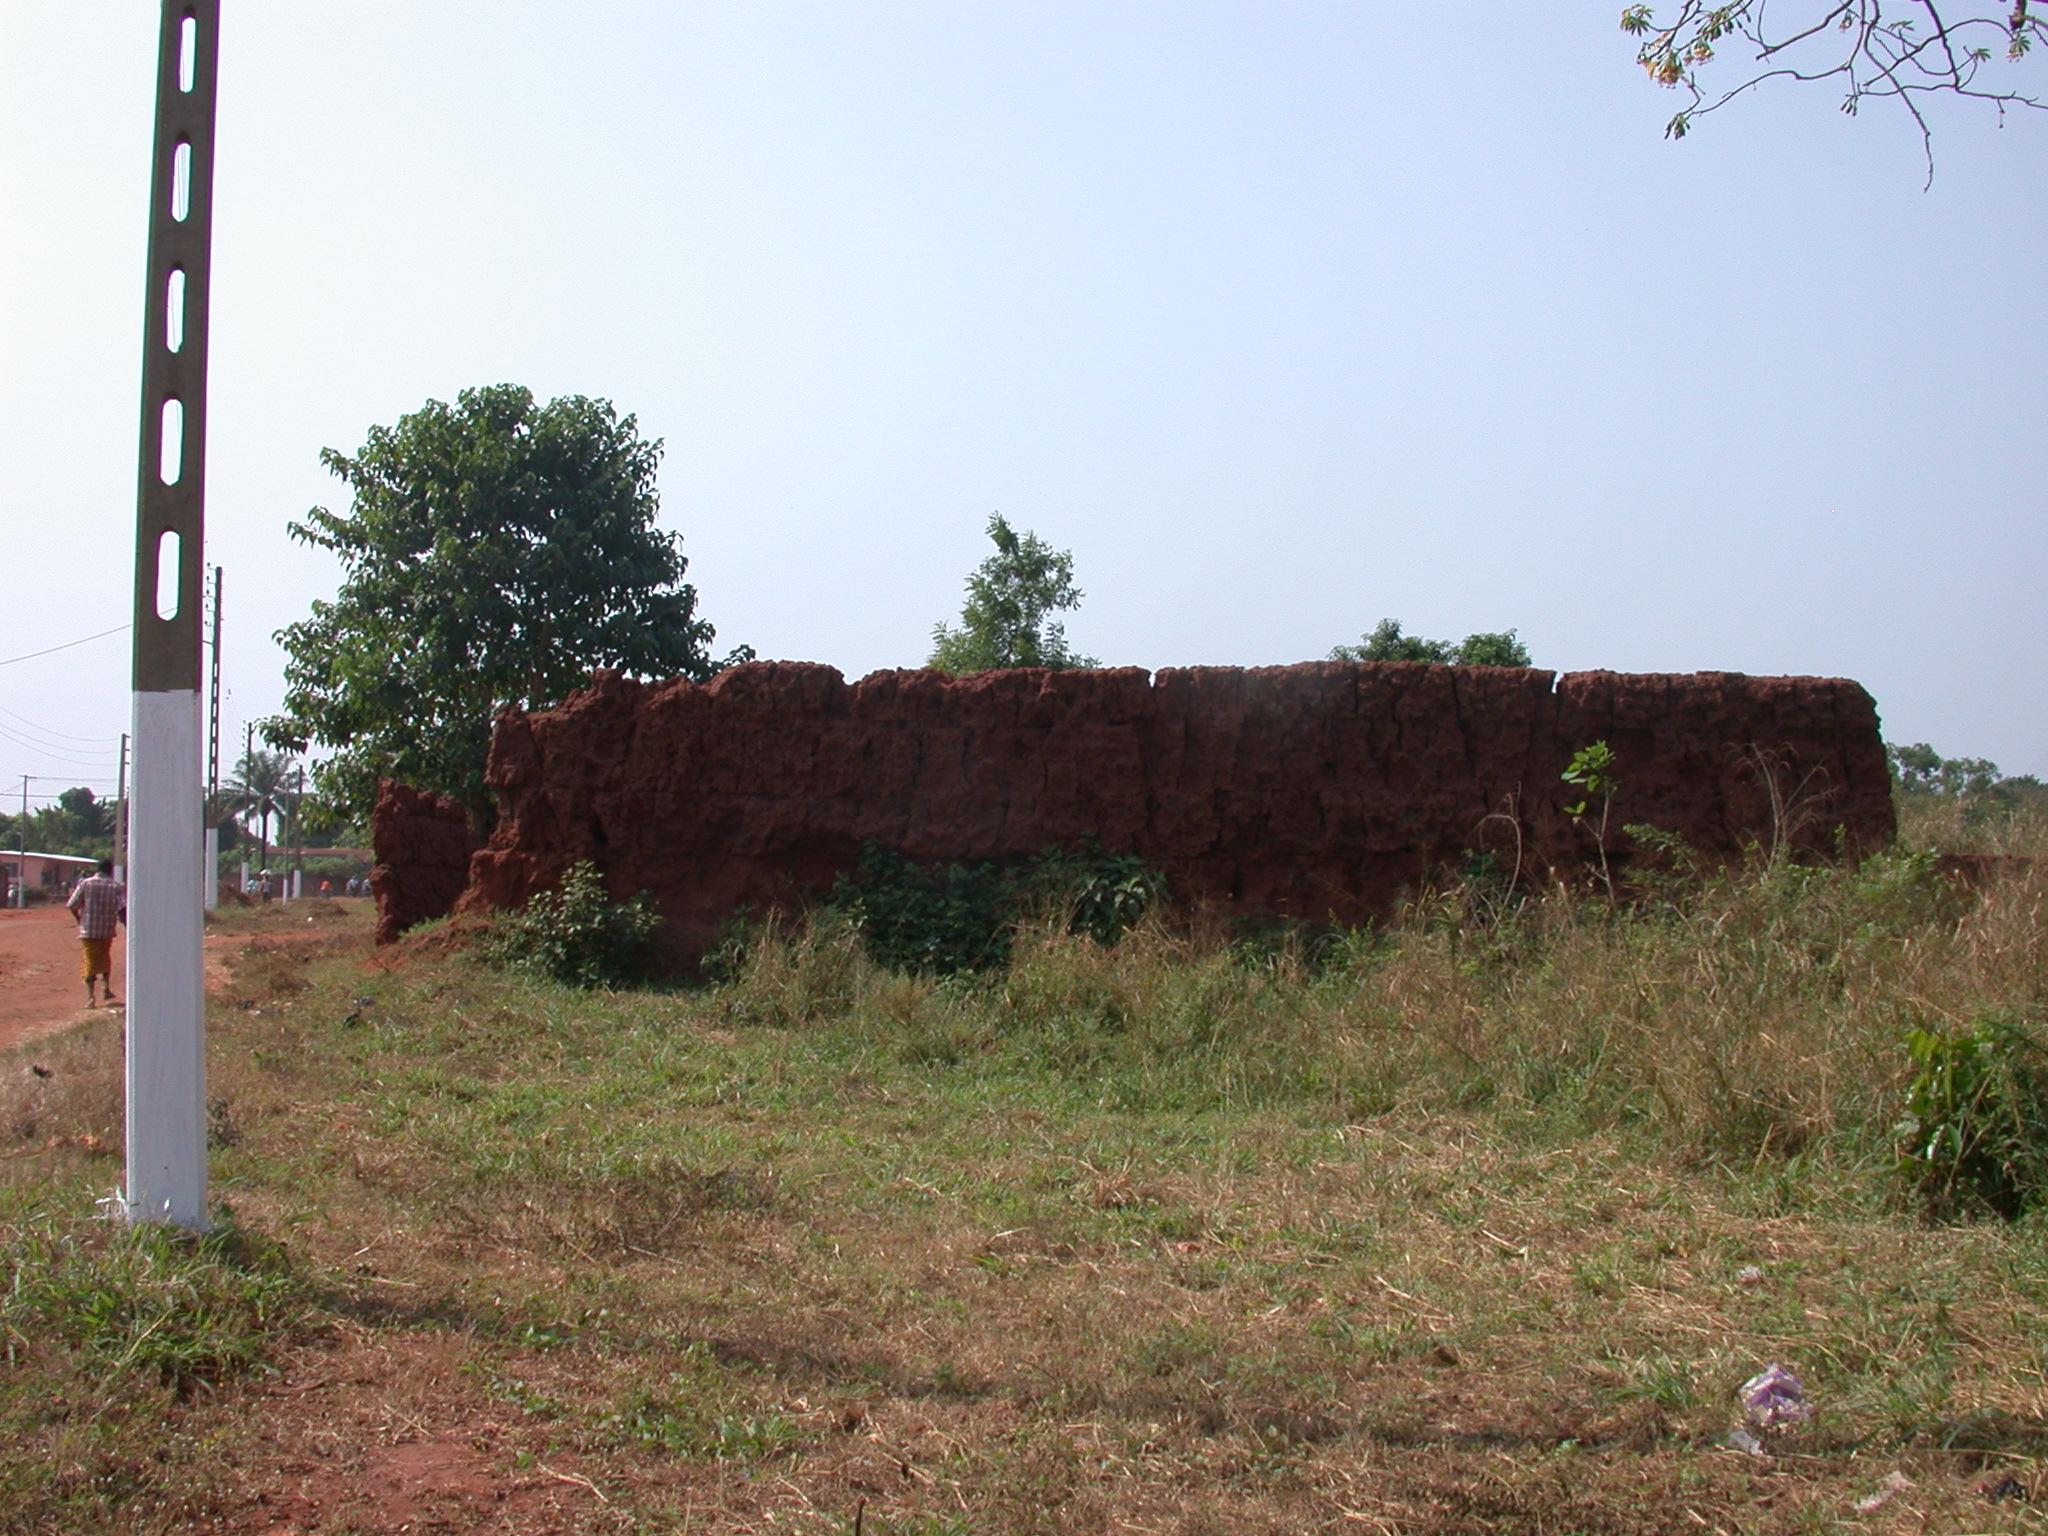 Ruins of Palace of King Tegbessou, Abomey, Benin